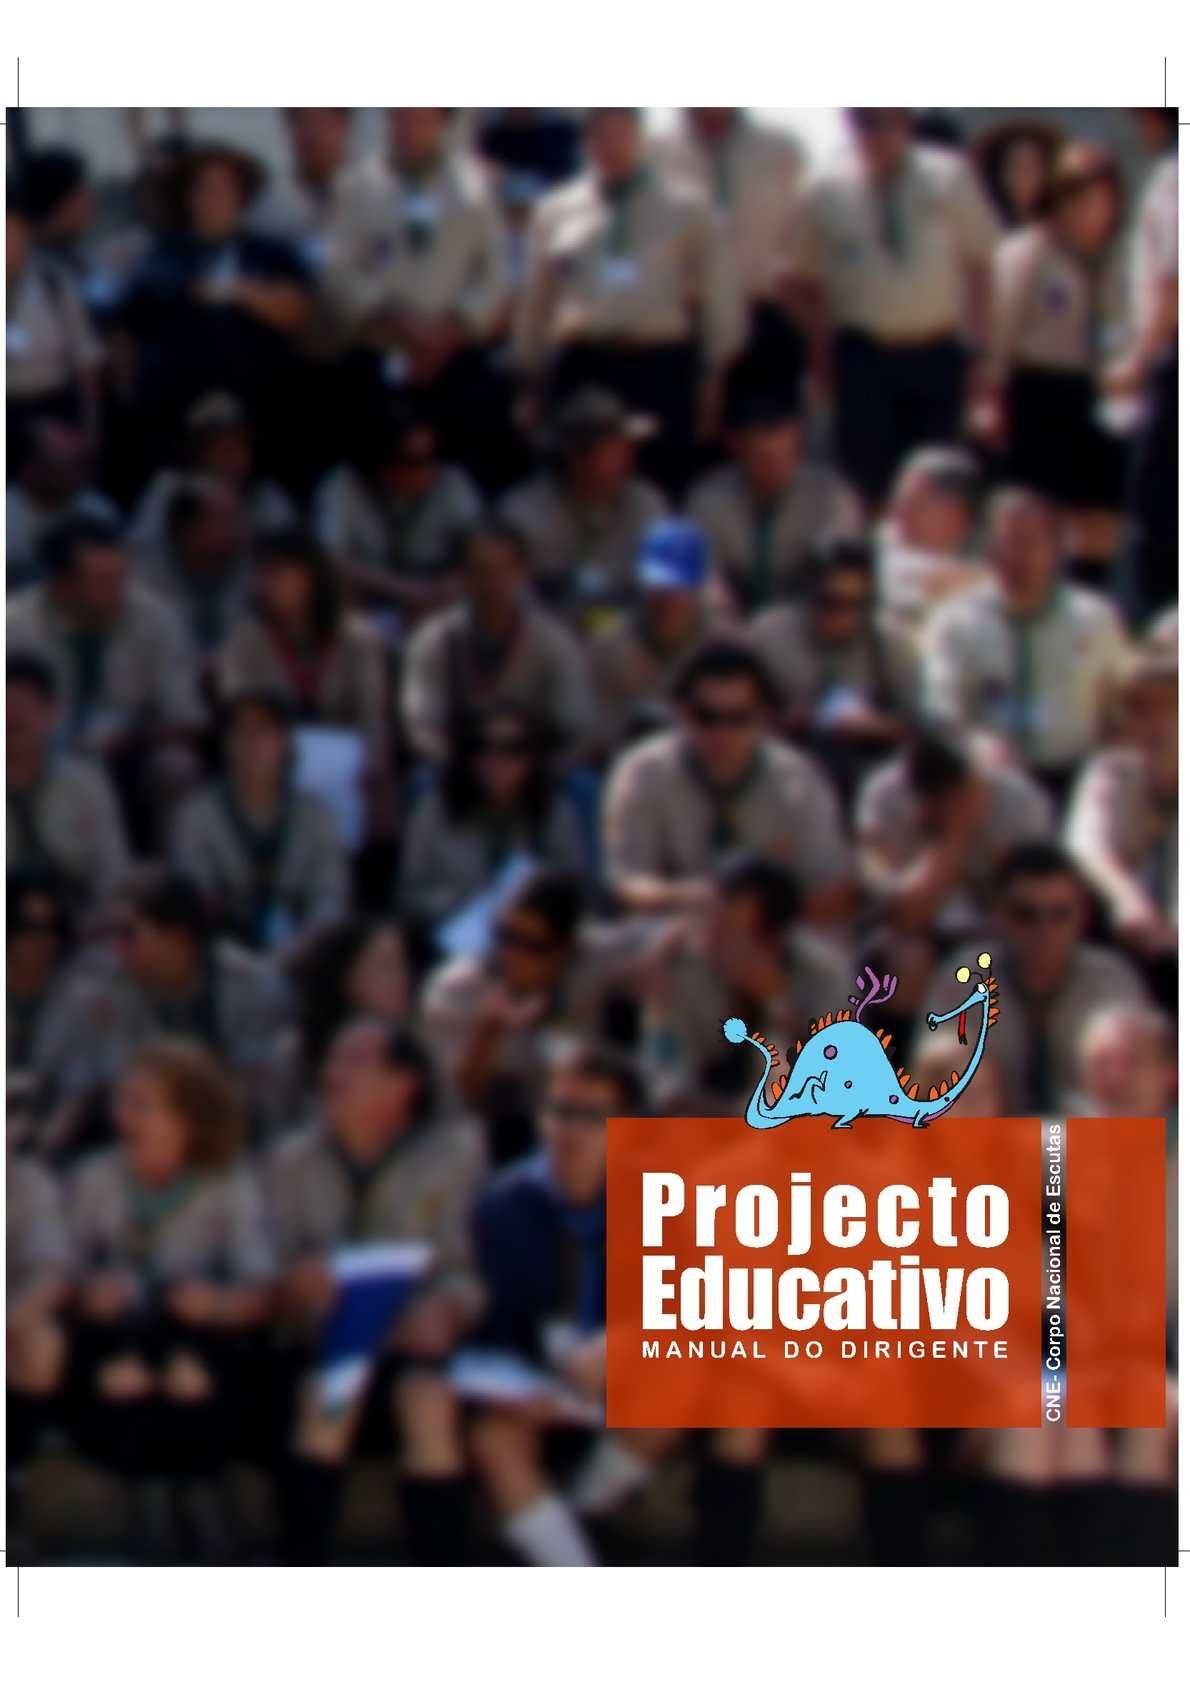 Calaméo - Projecto Educativo CNE 6e7b7bc5e7bf2